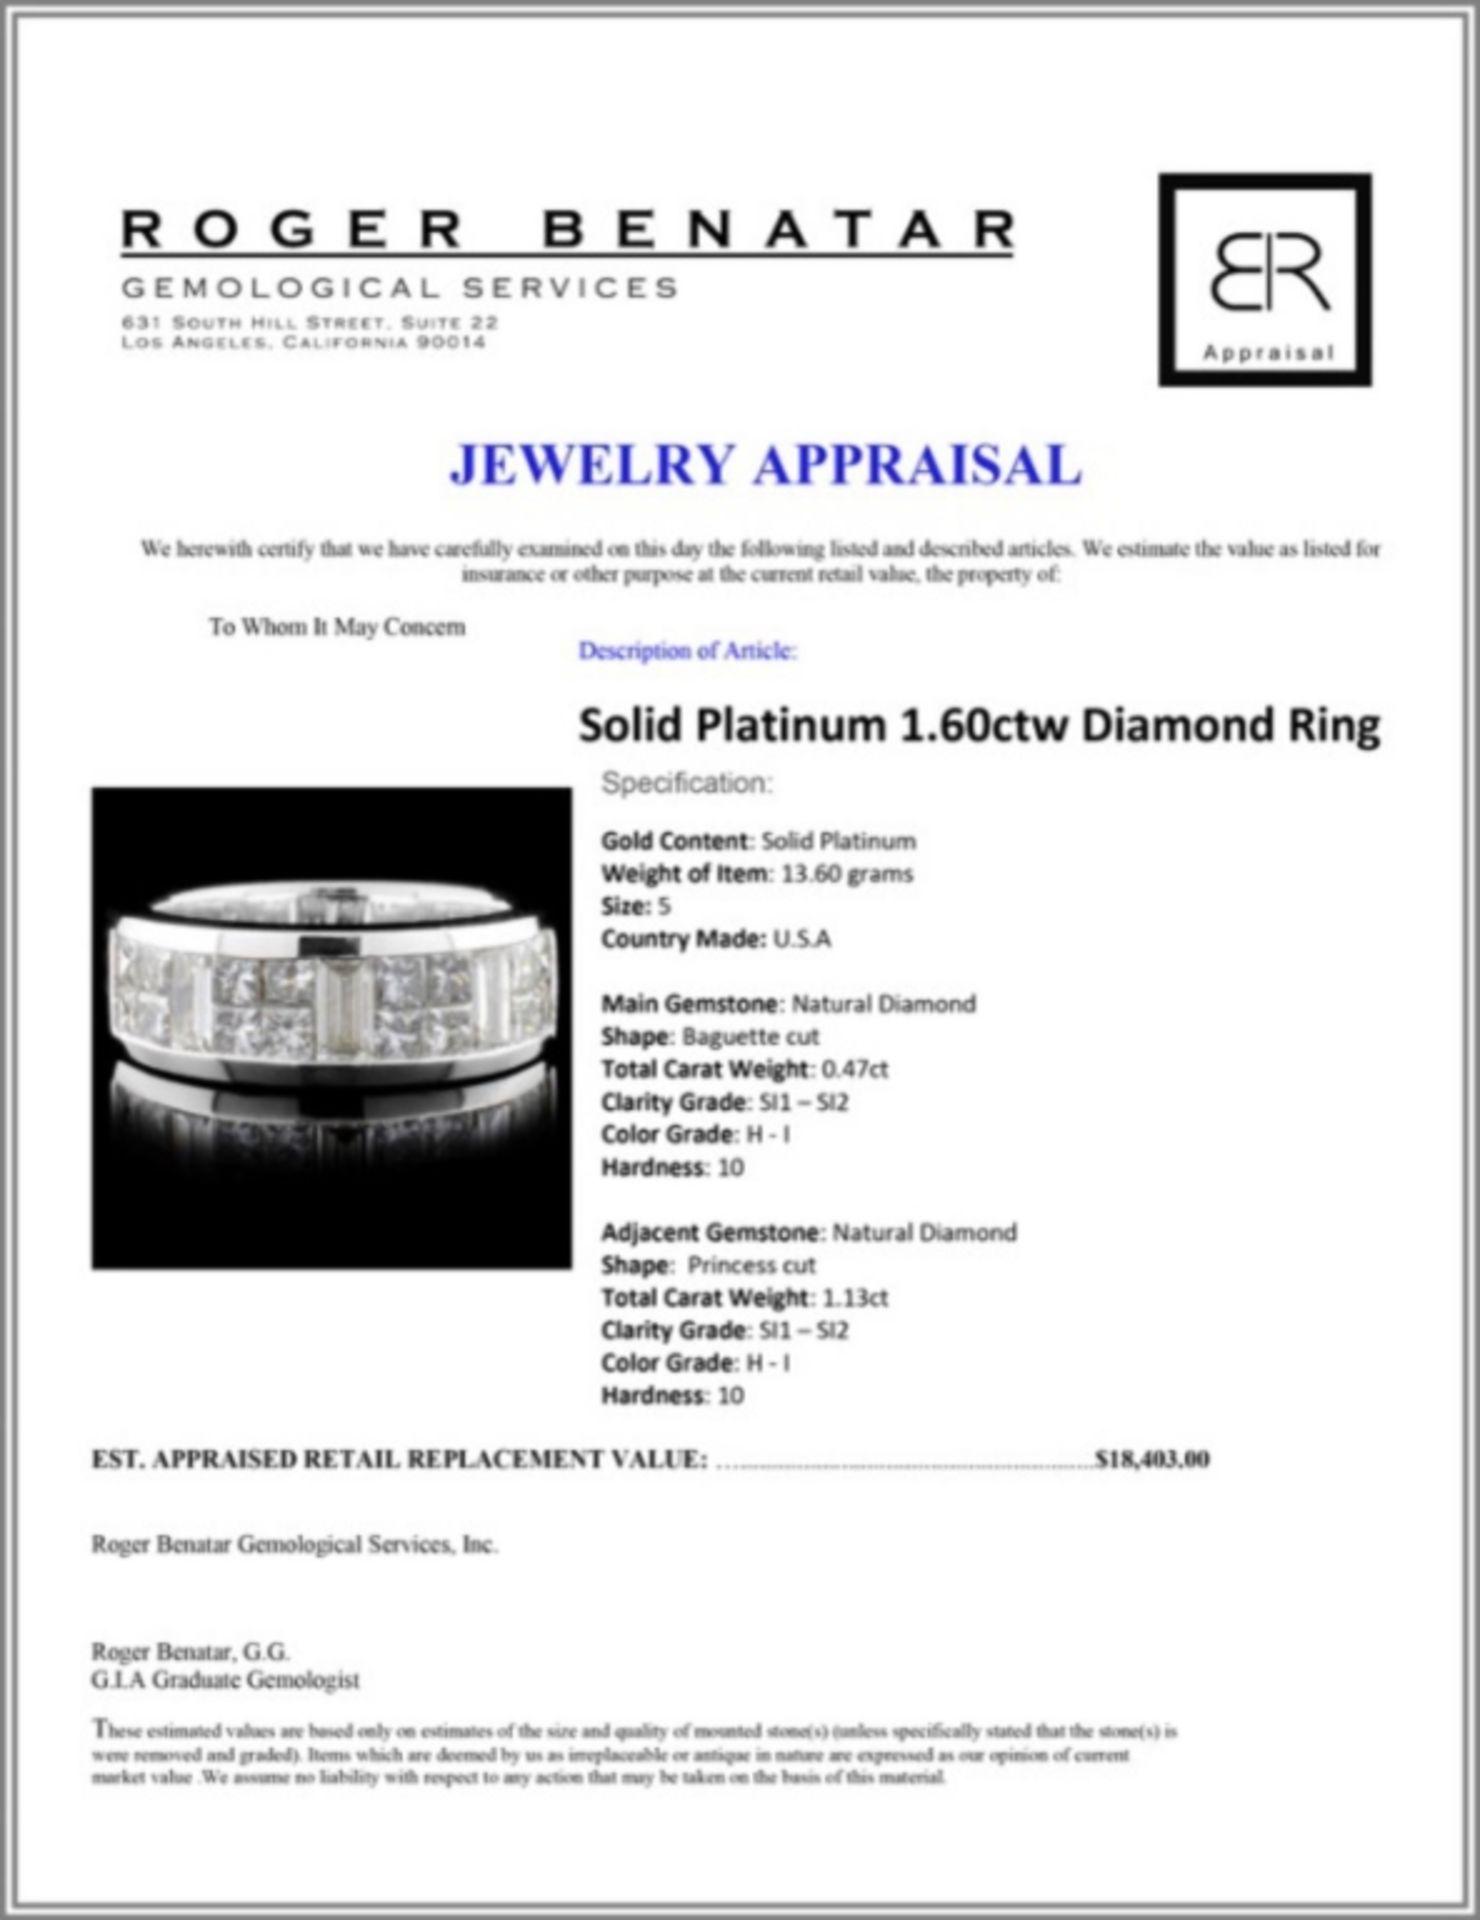 Solid Platinum 1.60ctw Diamond Ring - Image 3 of 3